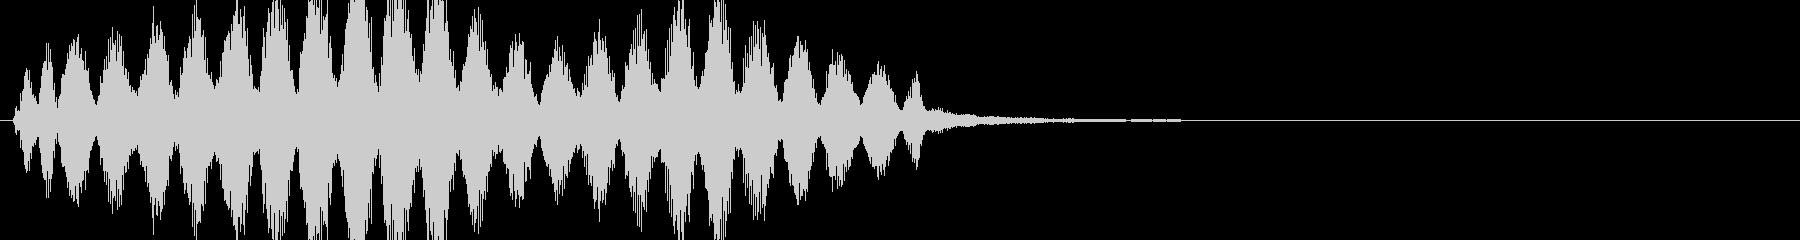 警告・アラート2の未再生の波形